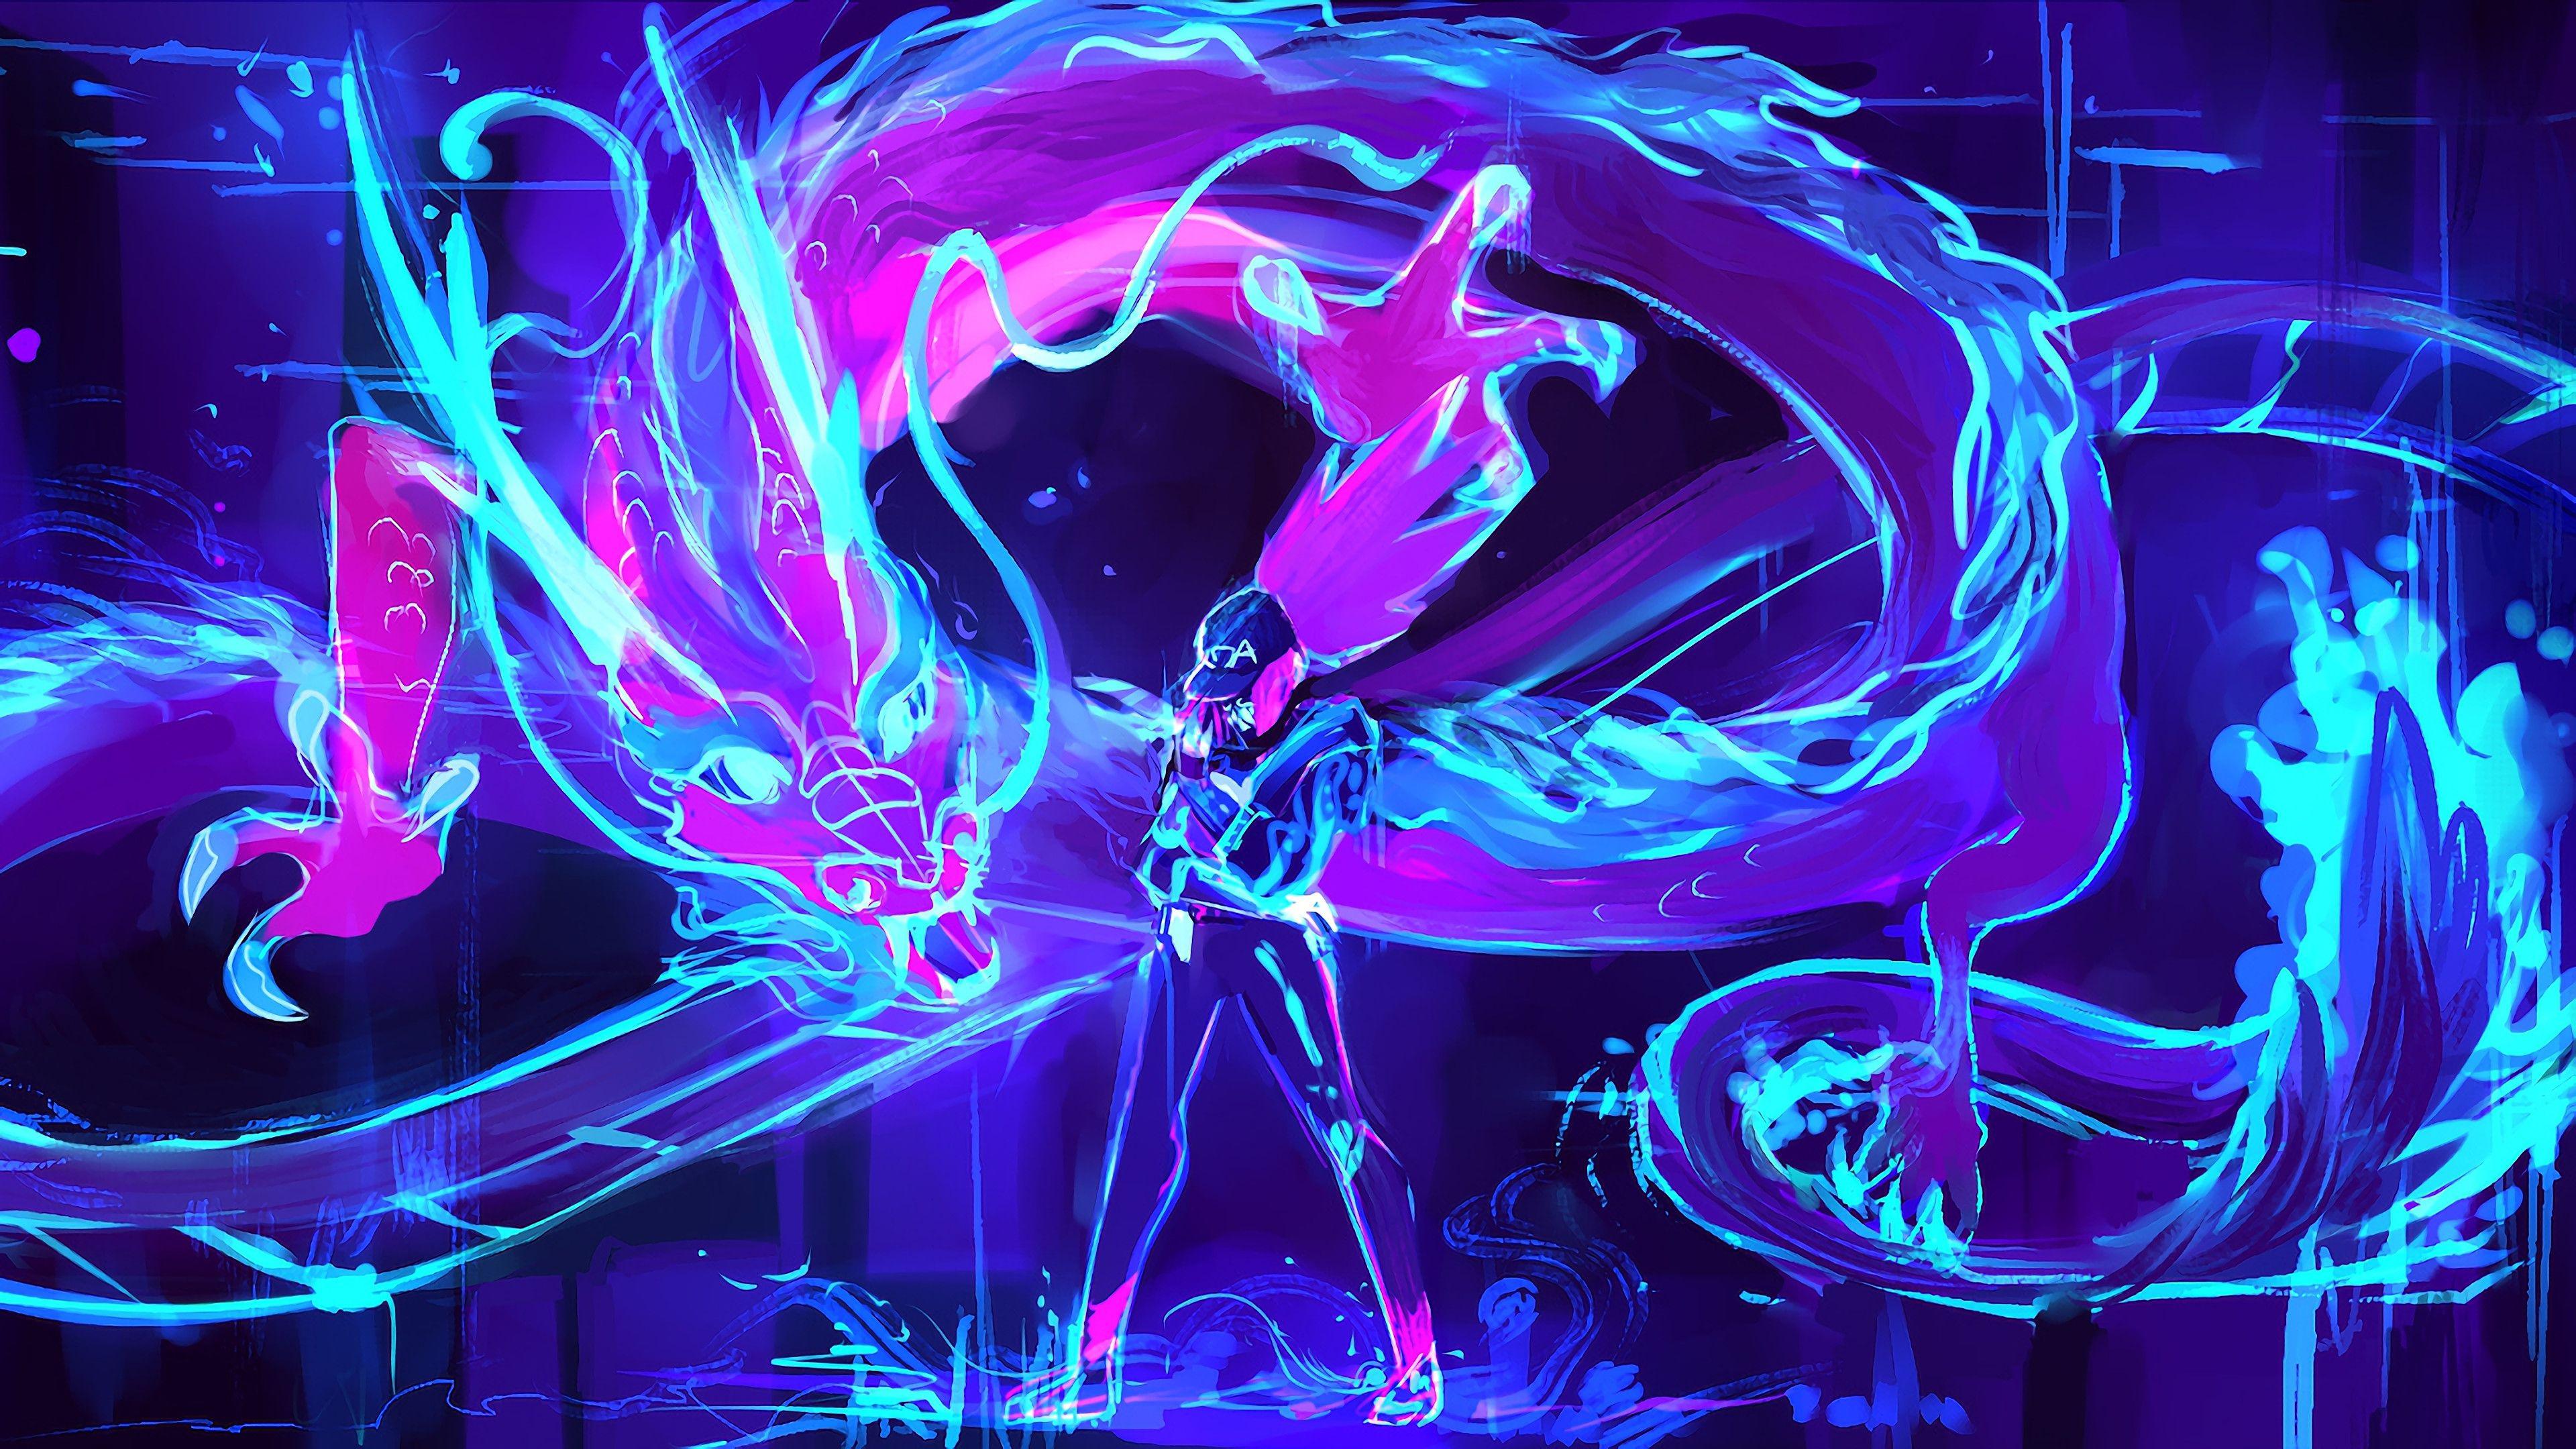 Kda akali neon dragon league of legends lol 4k 26391